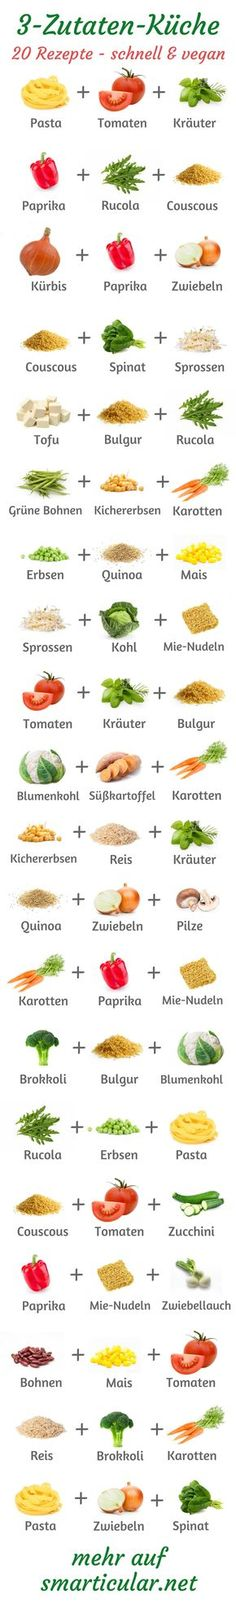 Keine Zeit zu kochen? Dann probiere doch mal diese schnellen, gesunden Rezepte aus nur drei Zutaten aus!